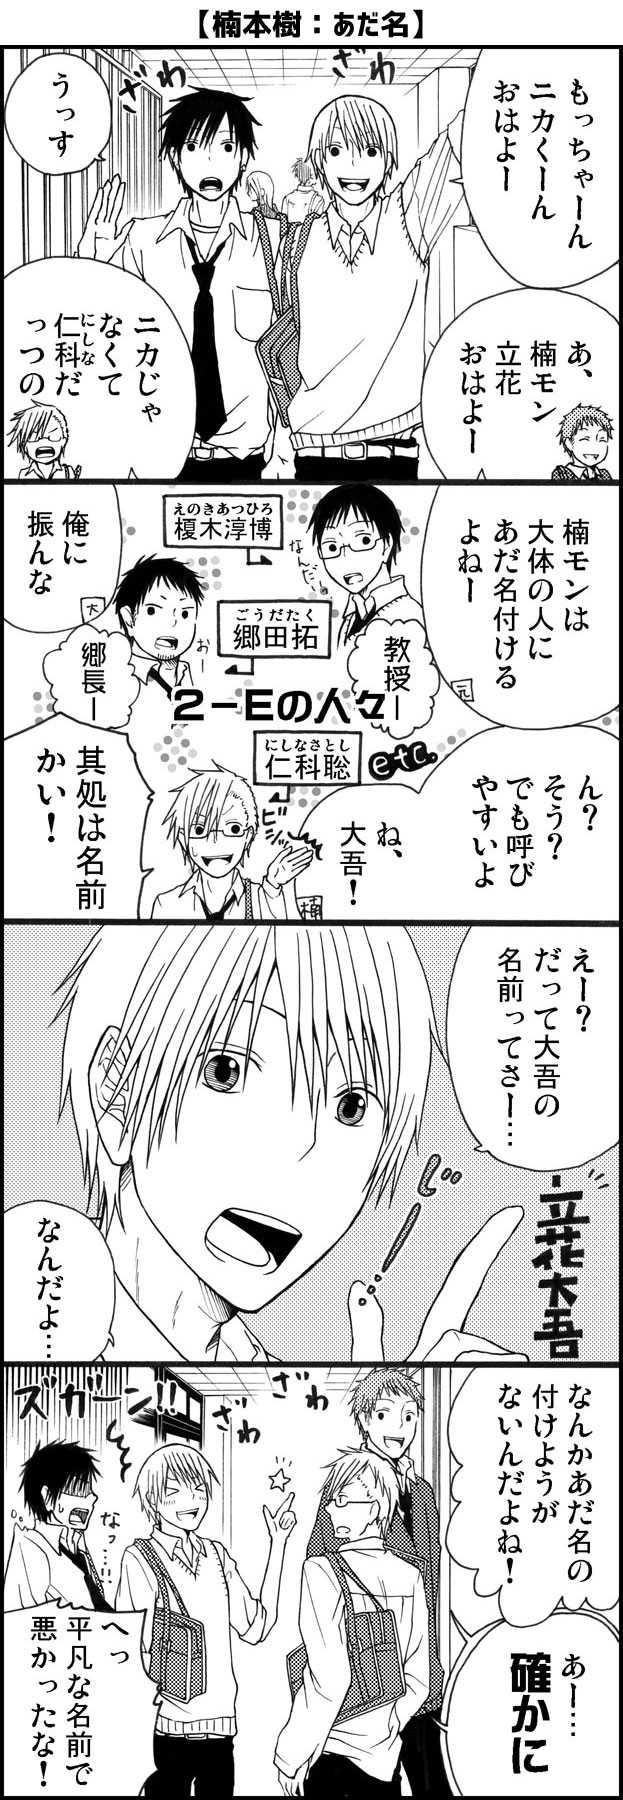 13.一人一ネタ1